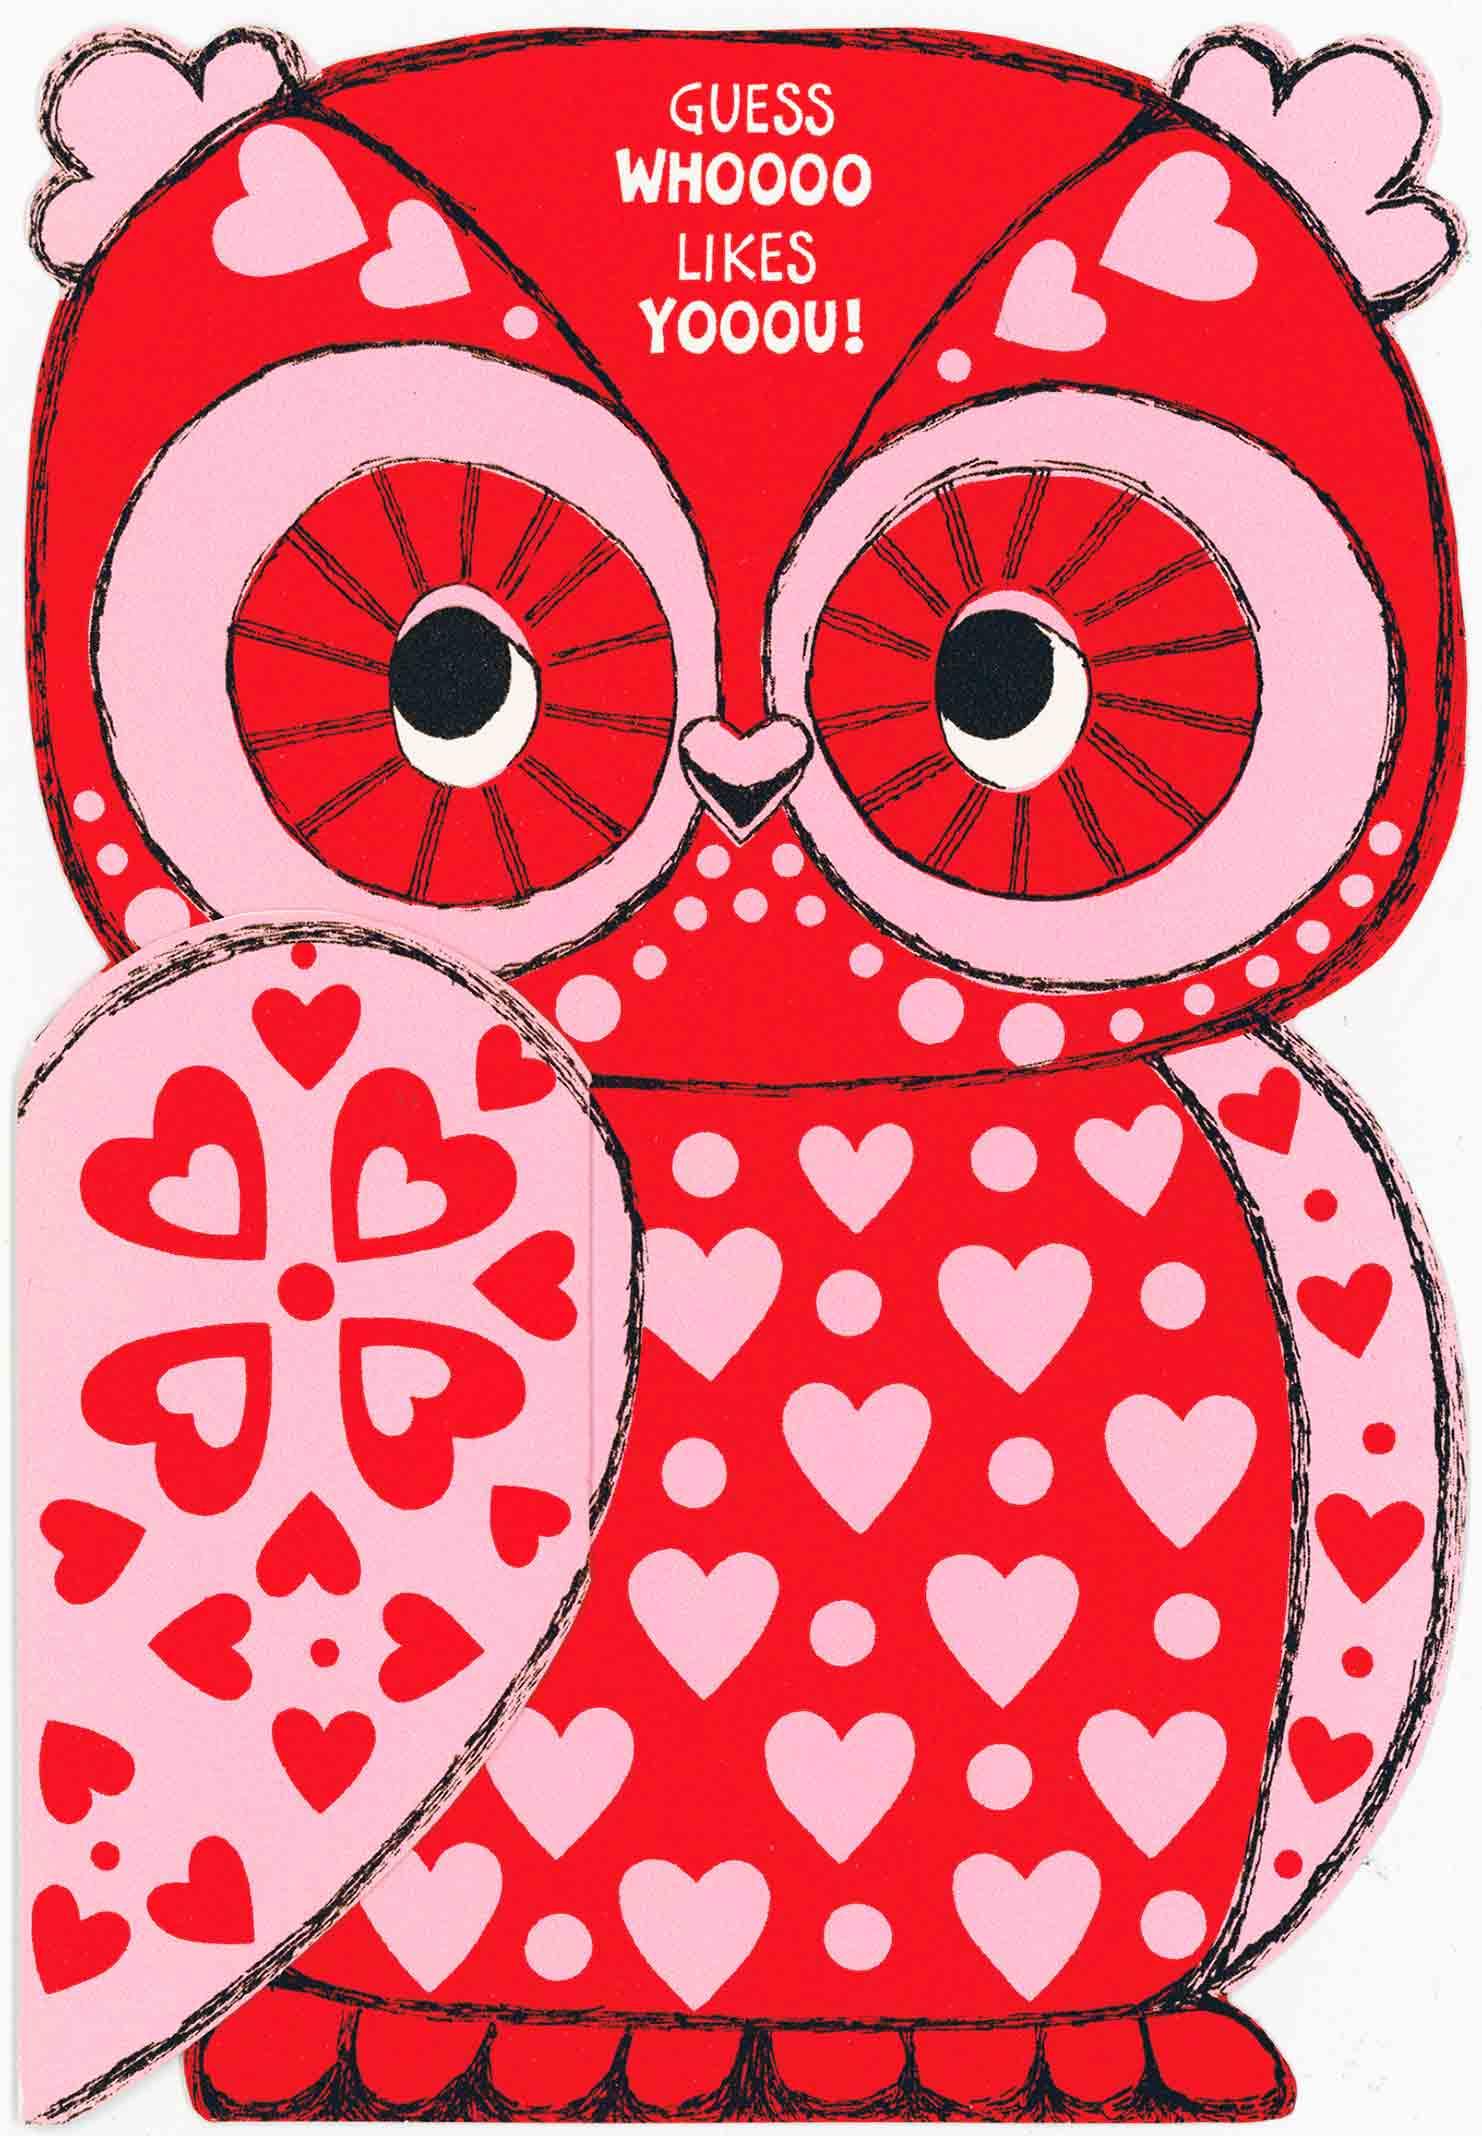 1977 Valentine's Day Card